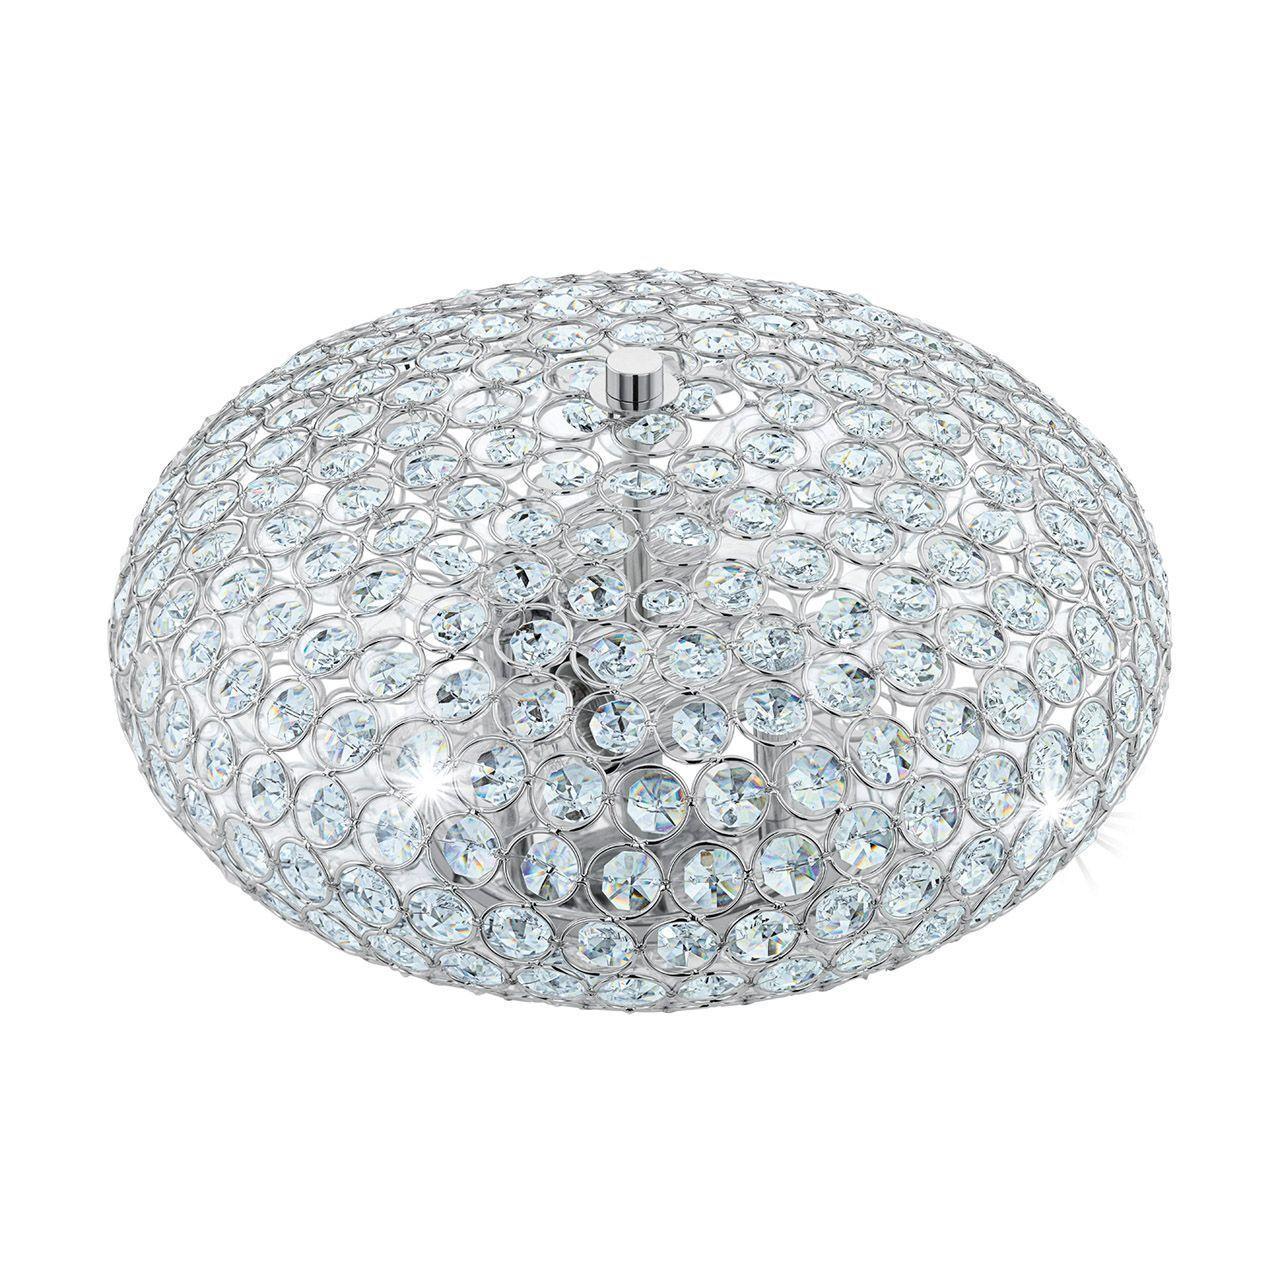 Потолочный светильник Eglo Clemente 95284 eglo подвесной светильник eglo clemente 95286